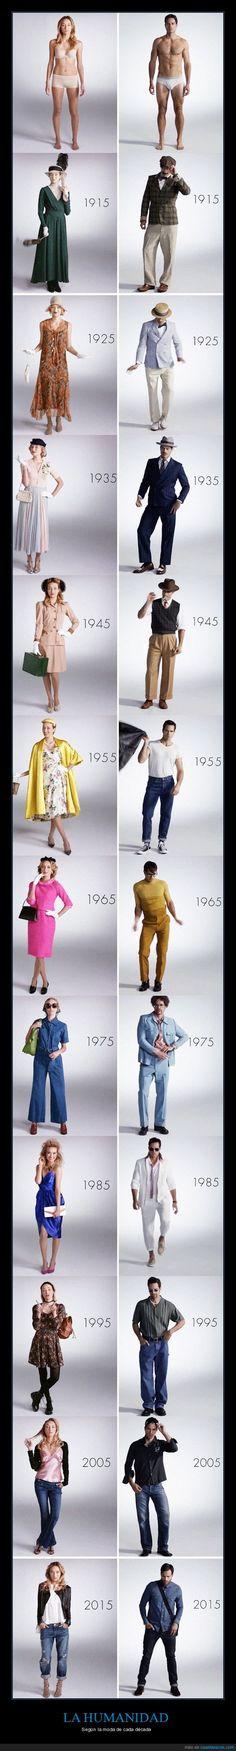 La evolución de la moda - Según la moda de cada década   Gracias a http://www.cuantarazon.com/   Si quieres leer la noticia completa visita: http://www.skylight-imagen.com/la-evolucion-de-la-moda-segun-la-moda-de-cada-decada/